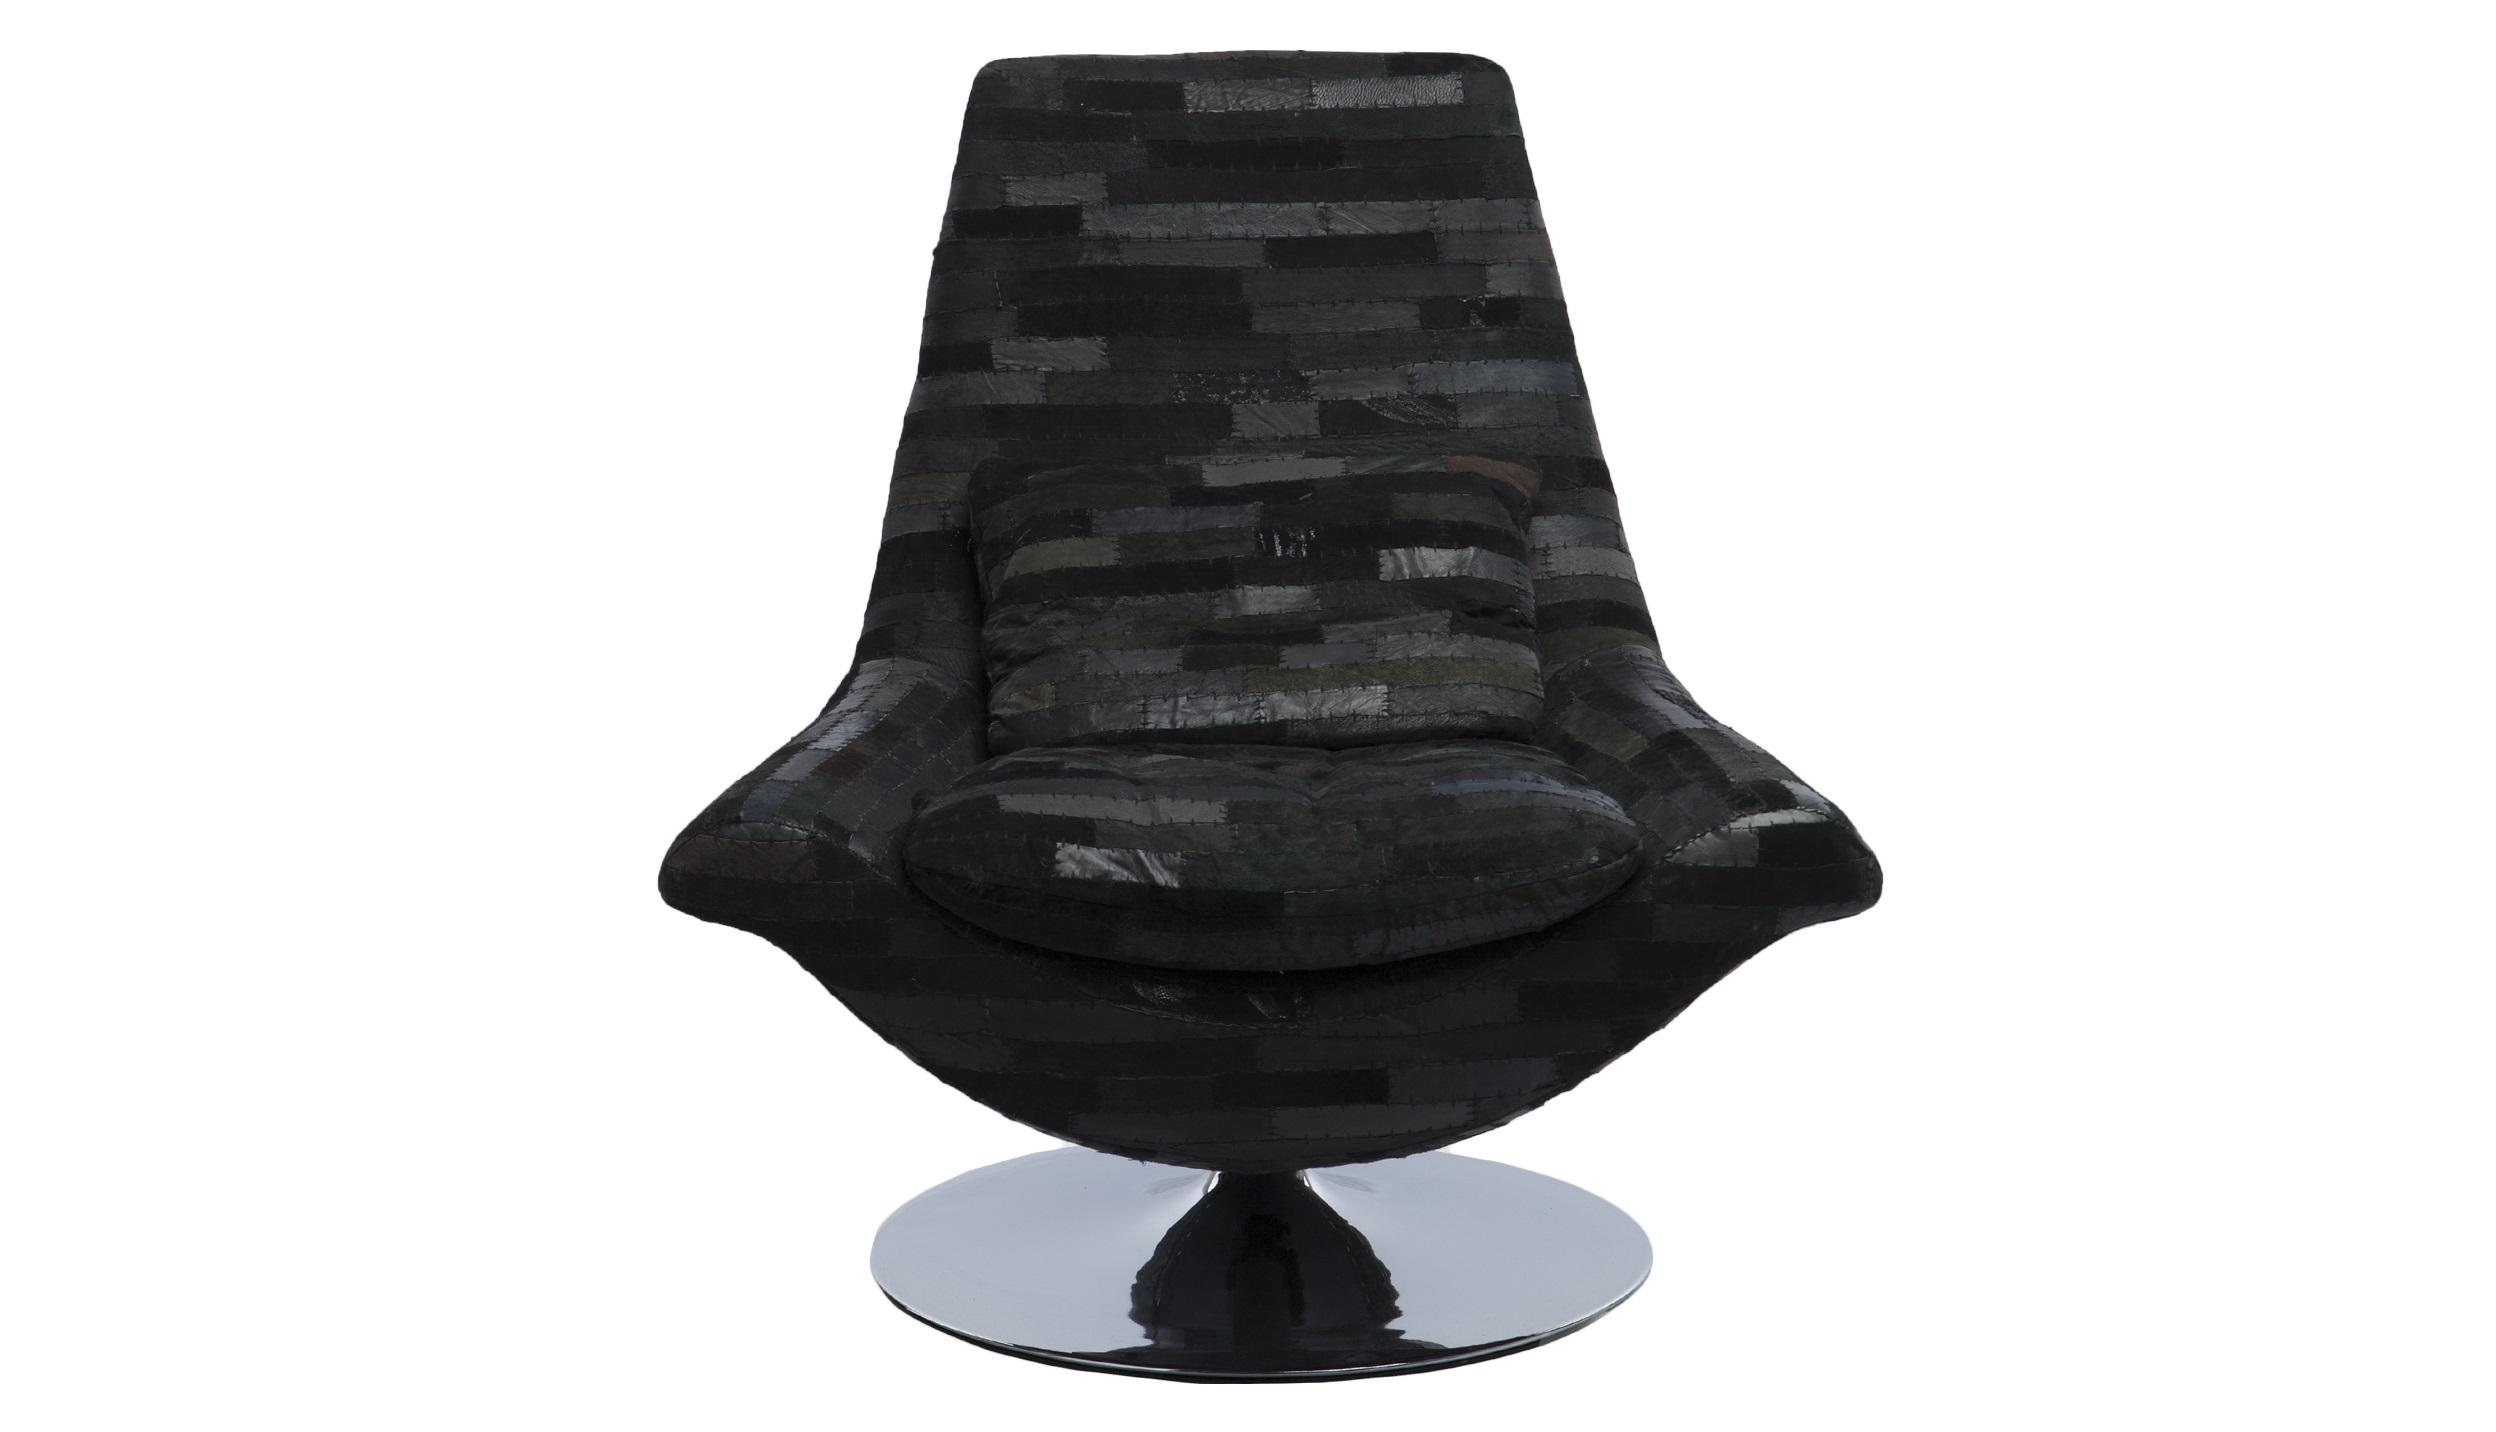 КреслоИнтерьерные кресла<br>Кресло вращающееся на стальной ножке, обивка в стиле пэчворк из экокожи.<br><br>Material: Кожа<br>Width см: 81<br>Depth см: 60<br>Height см: 94